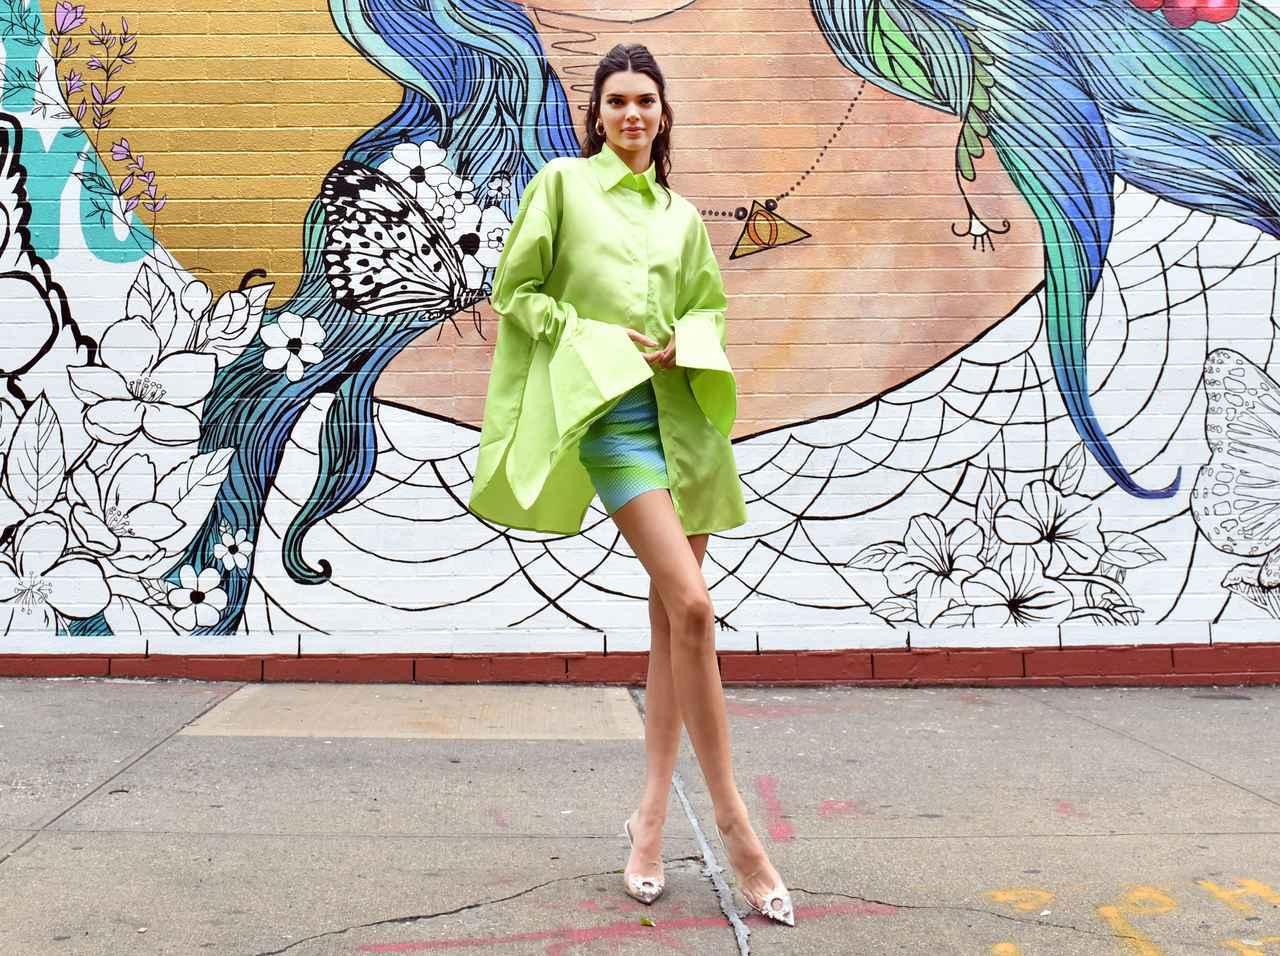 画像: ケンダル・ジェンナー、SNSで大流行中のチャレンジに挑戦して「さすがモデル」な結果に